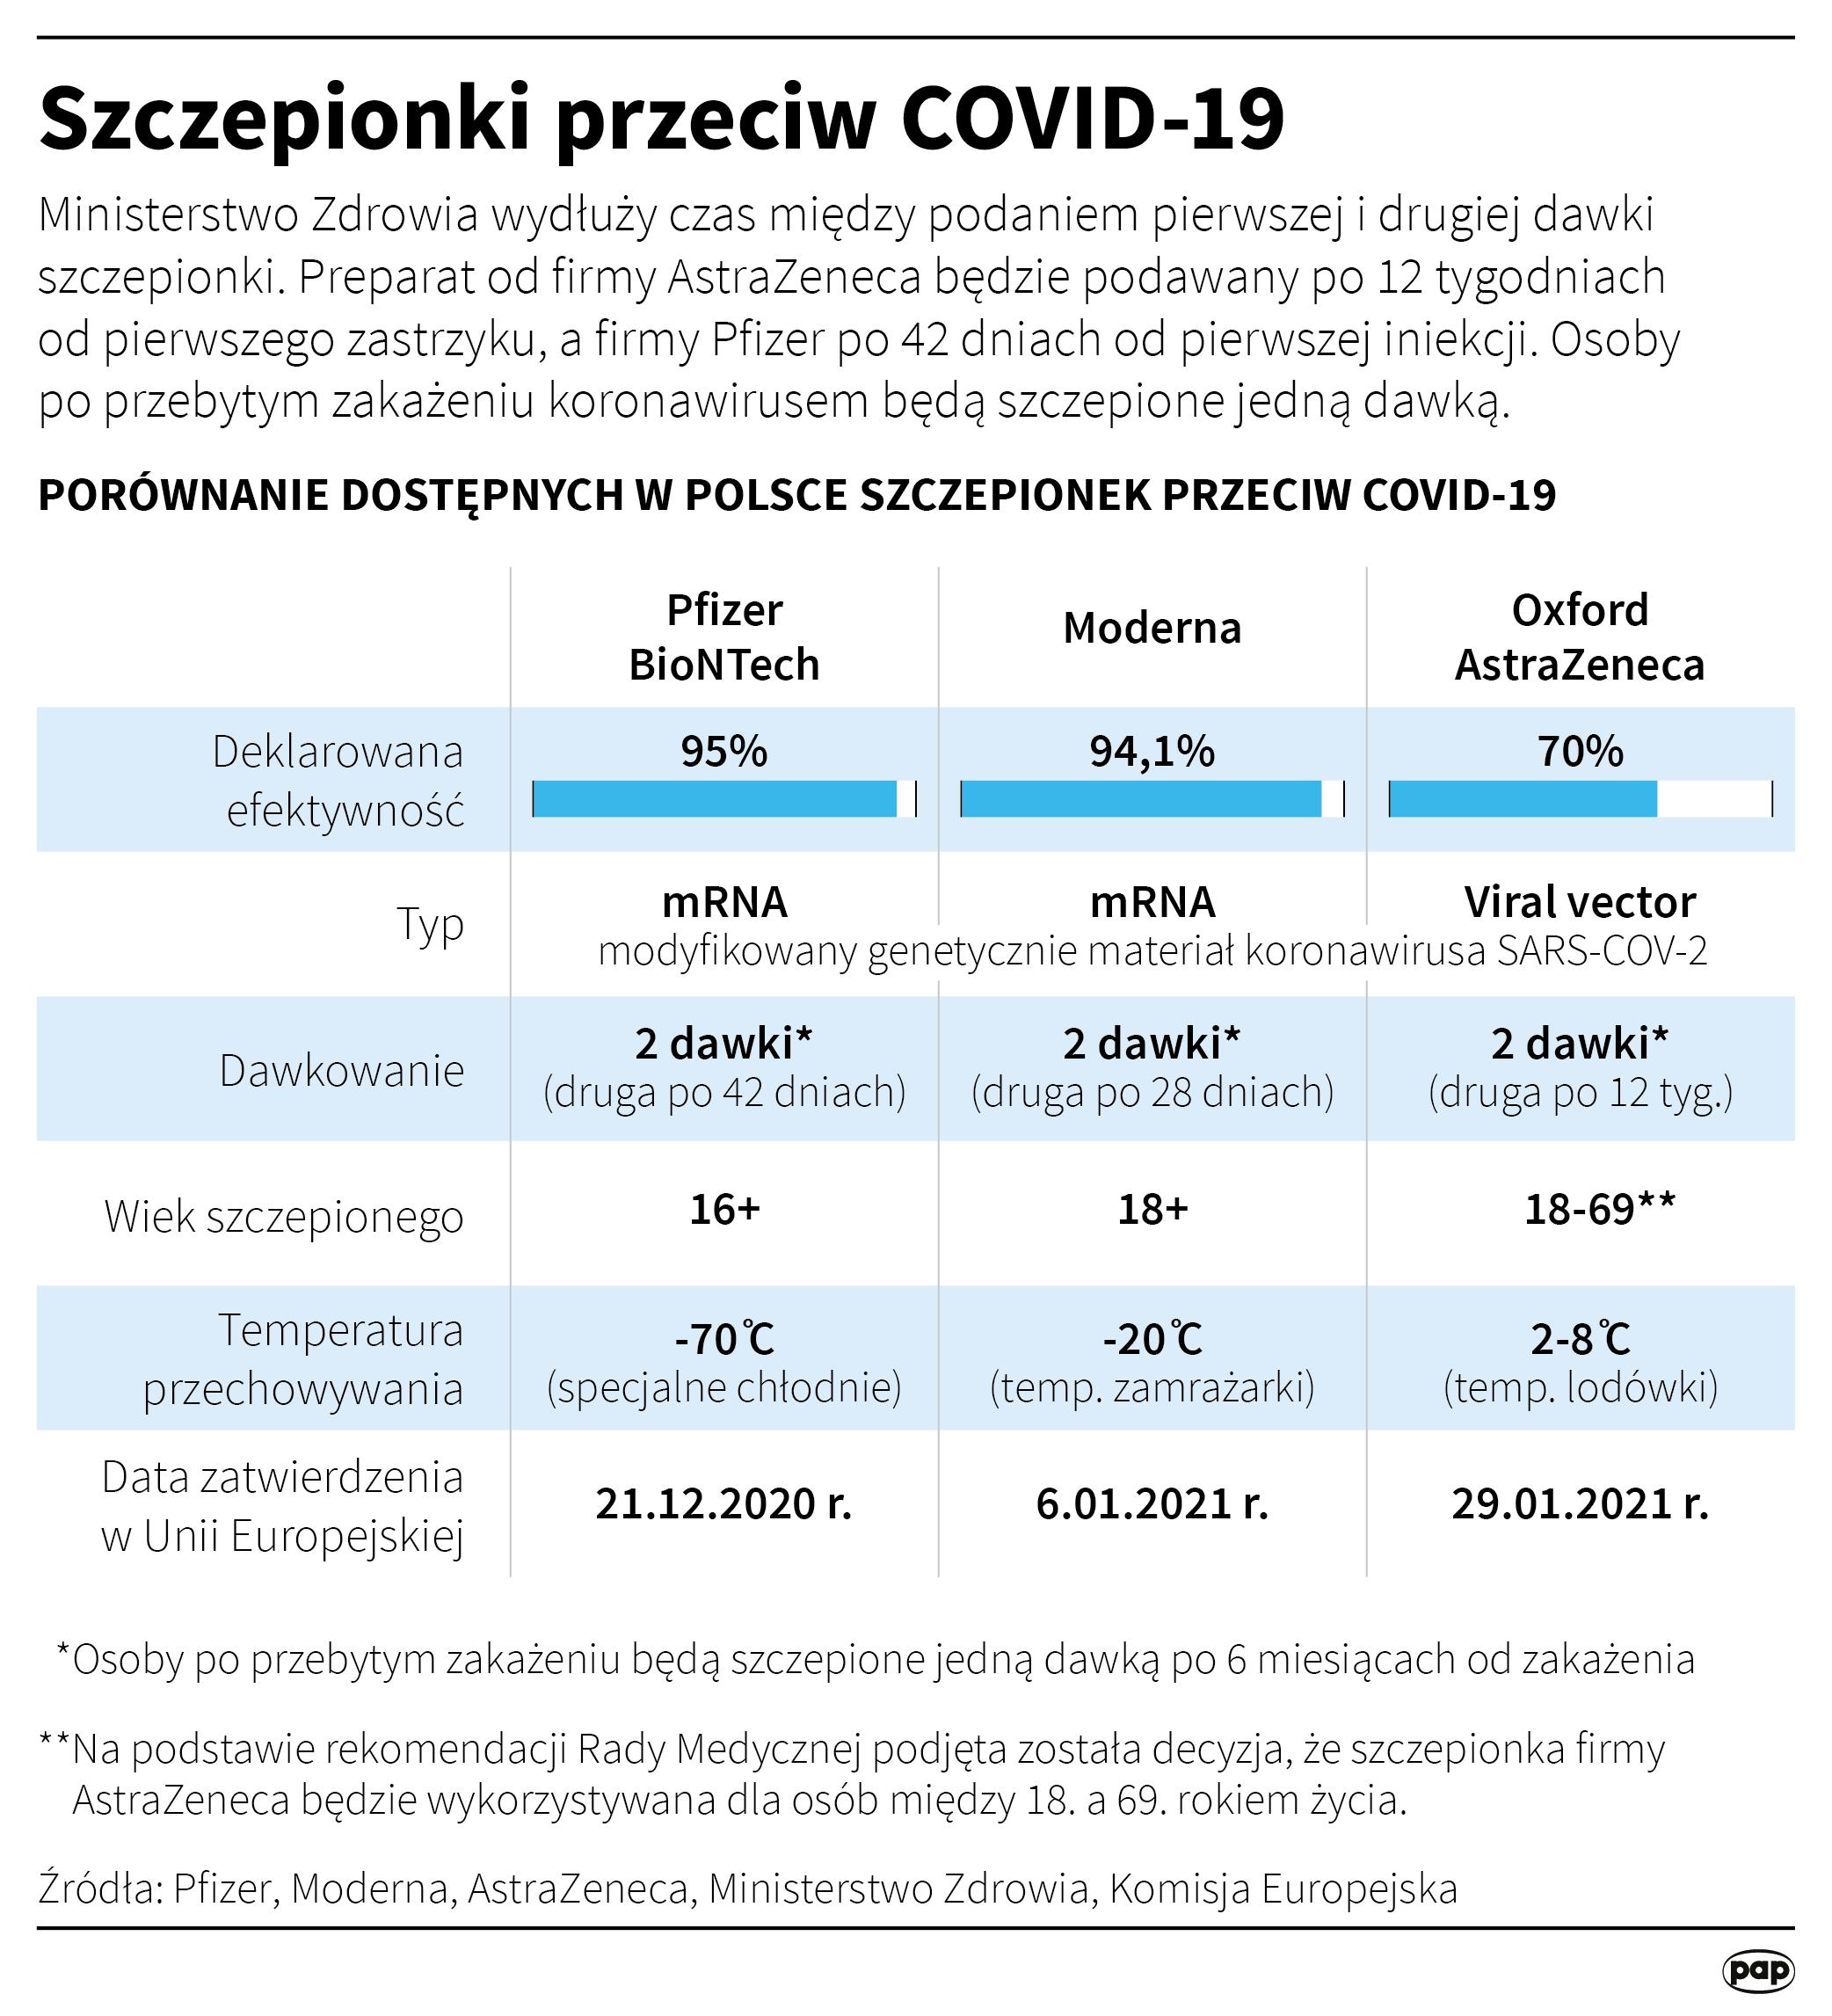 Szczepionki przeciw COVID-19 (opr. Maciej Zieliński/PAP)